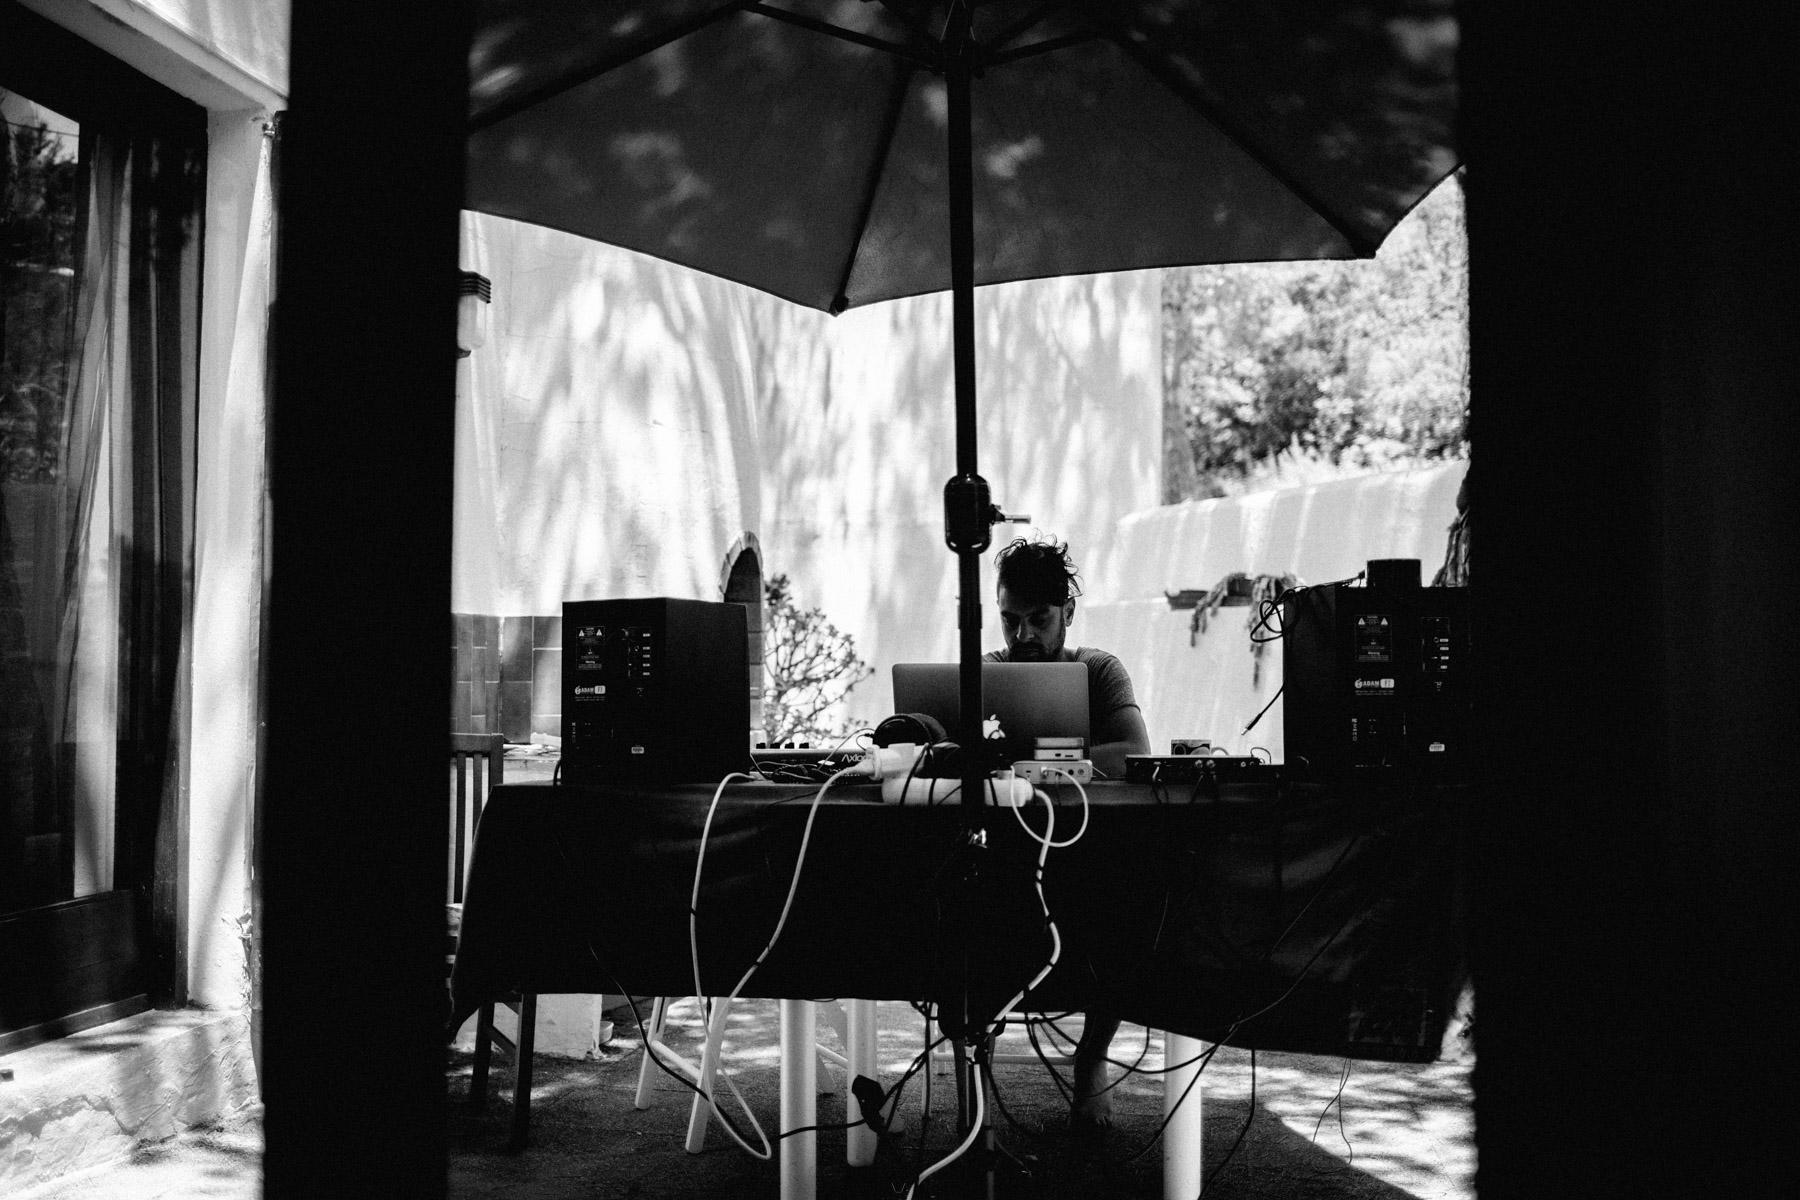 thedm-twA-Bedouin-Ibiza Diary-01-54.jpg